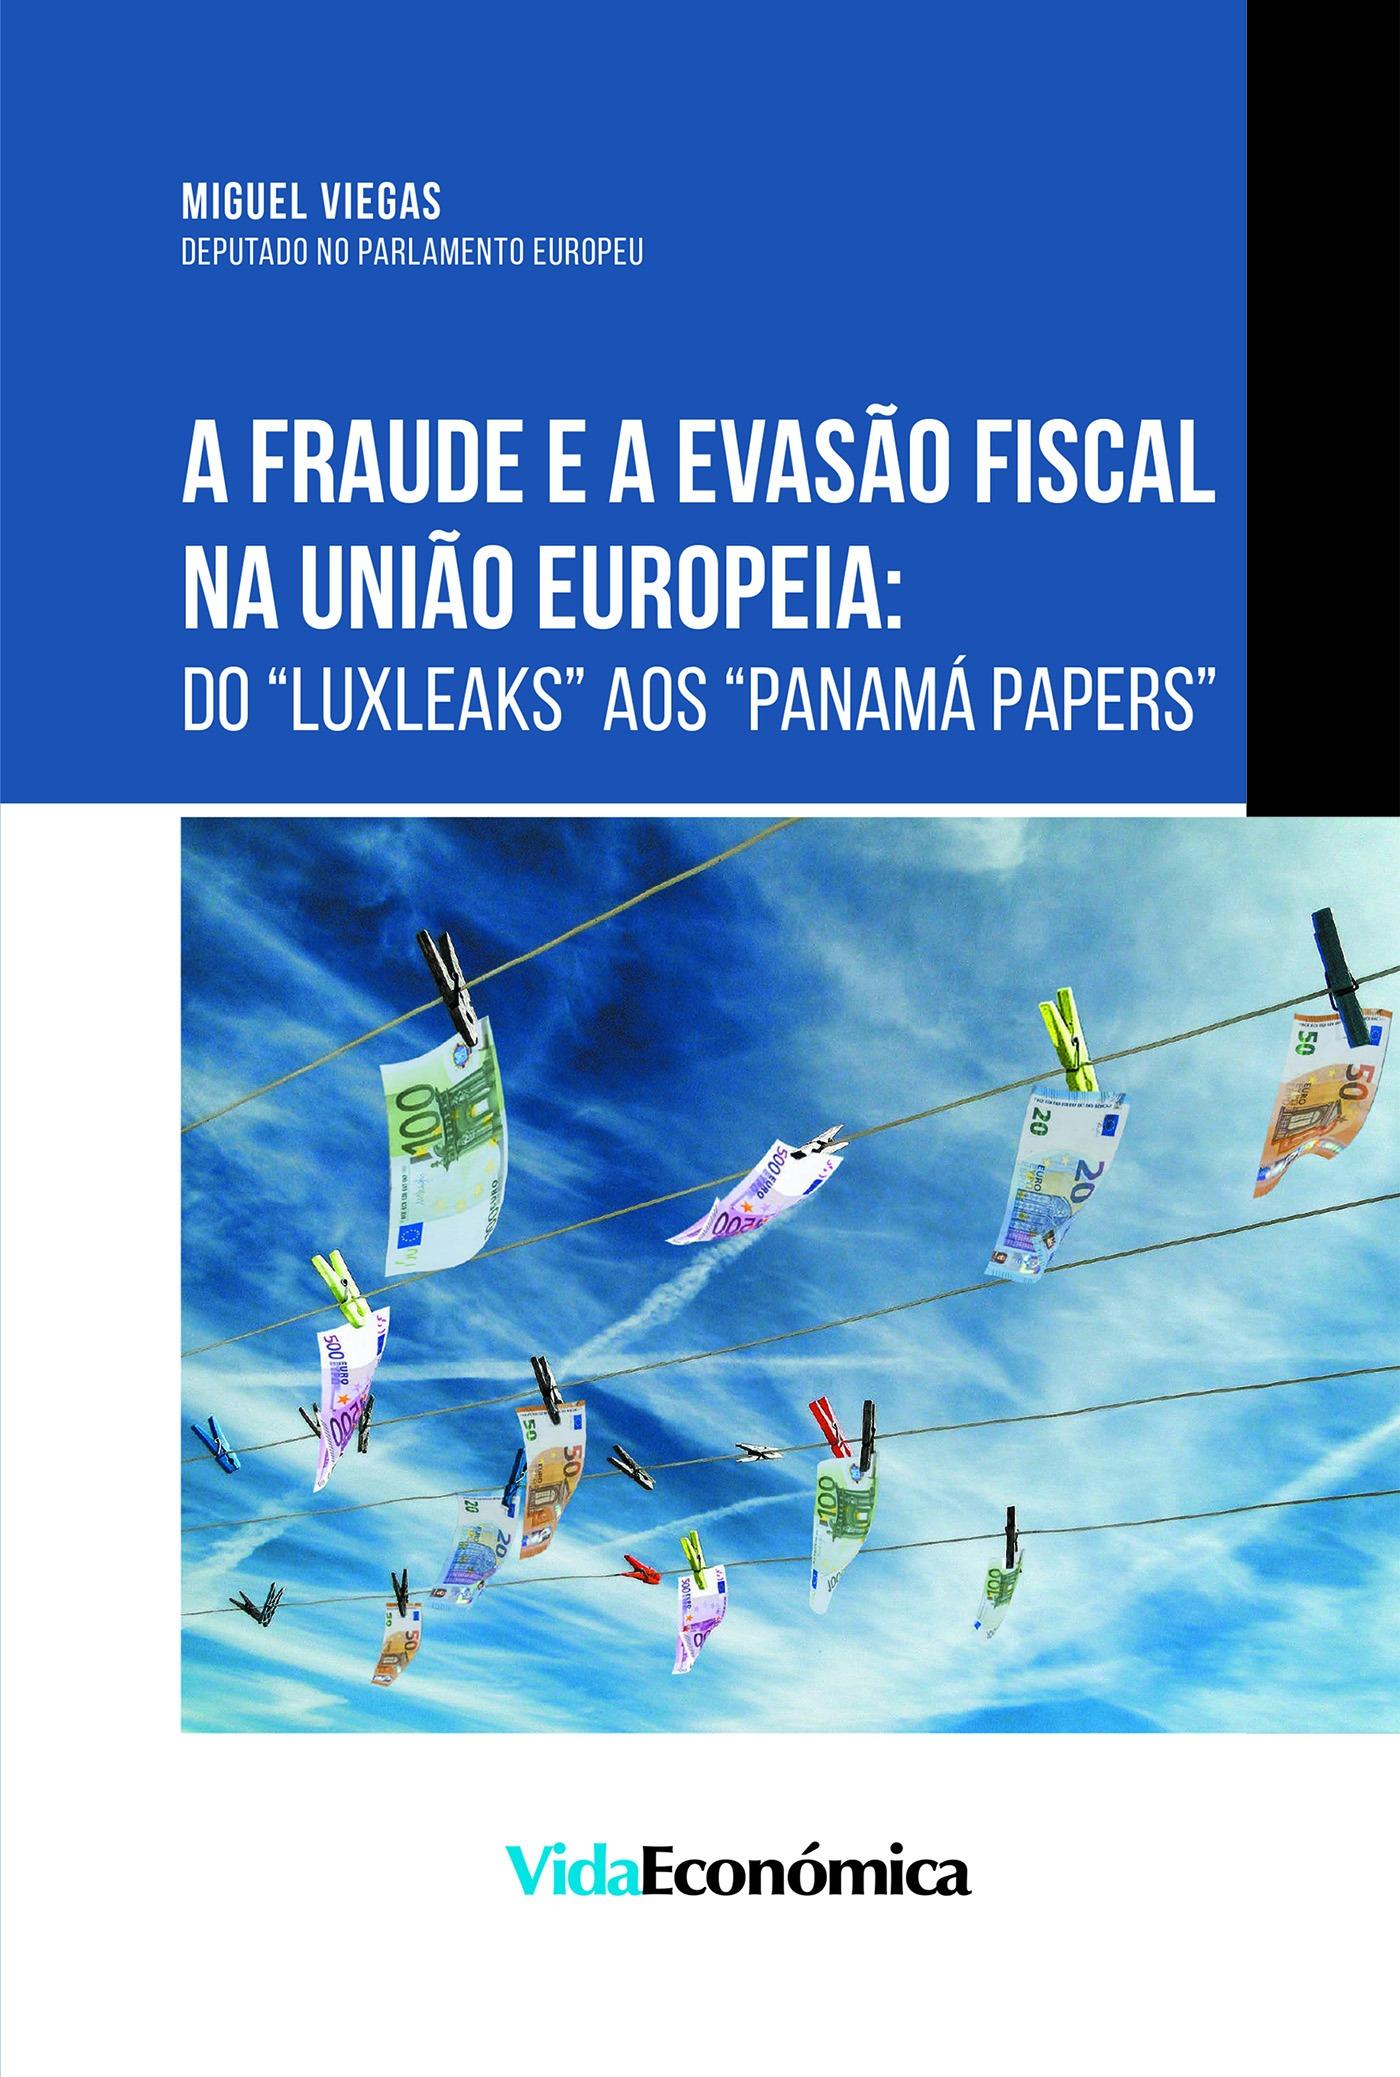 A Fraude e a Evasão Fiscal na União Europeia